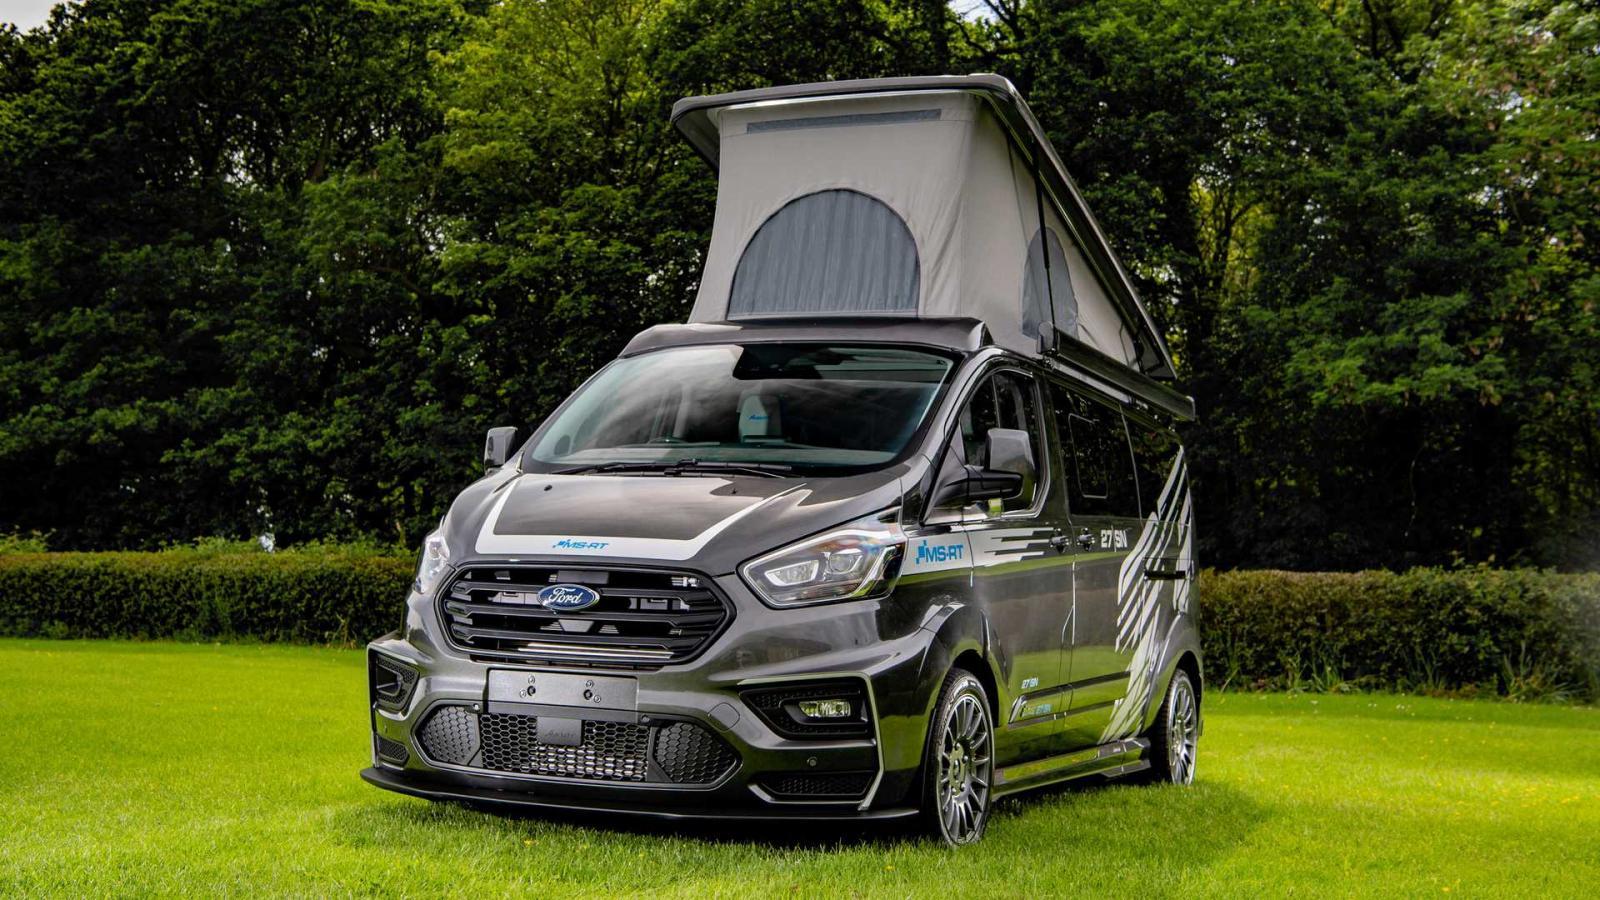 La Ford Transit Custom Camper tiene una apariencia muy atractiva por tener algunos elementos deportivos